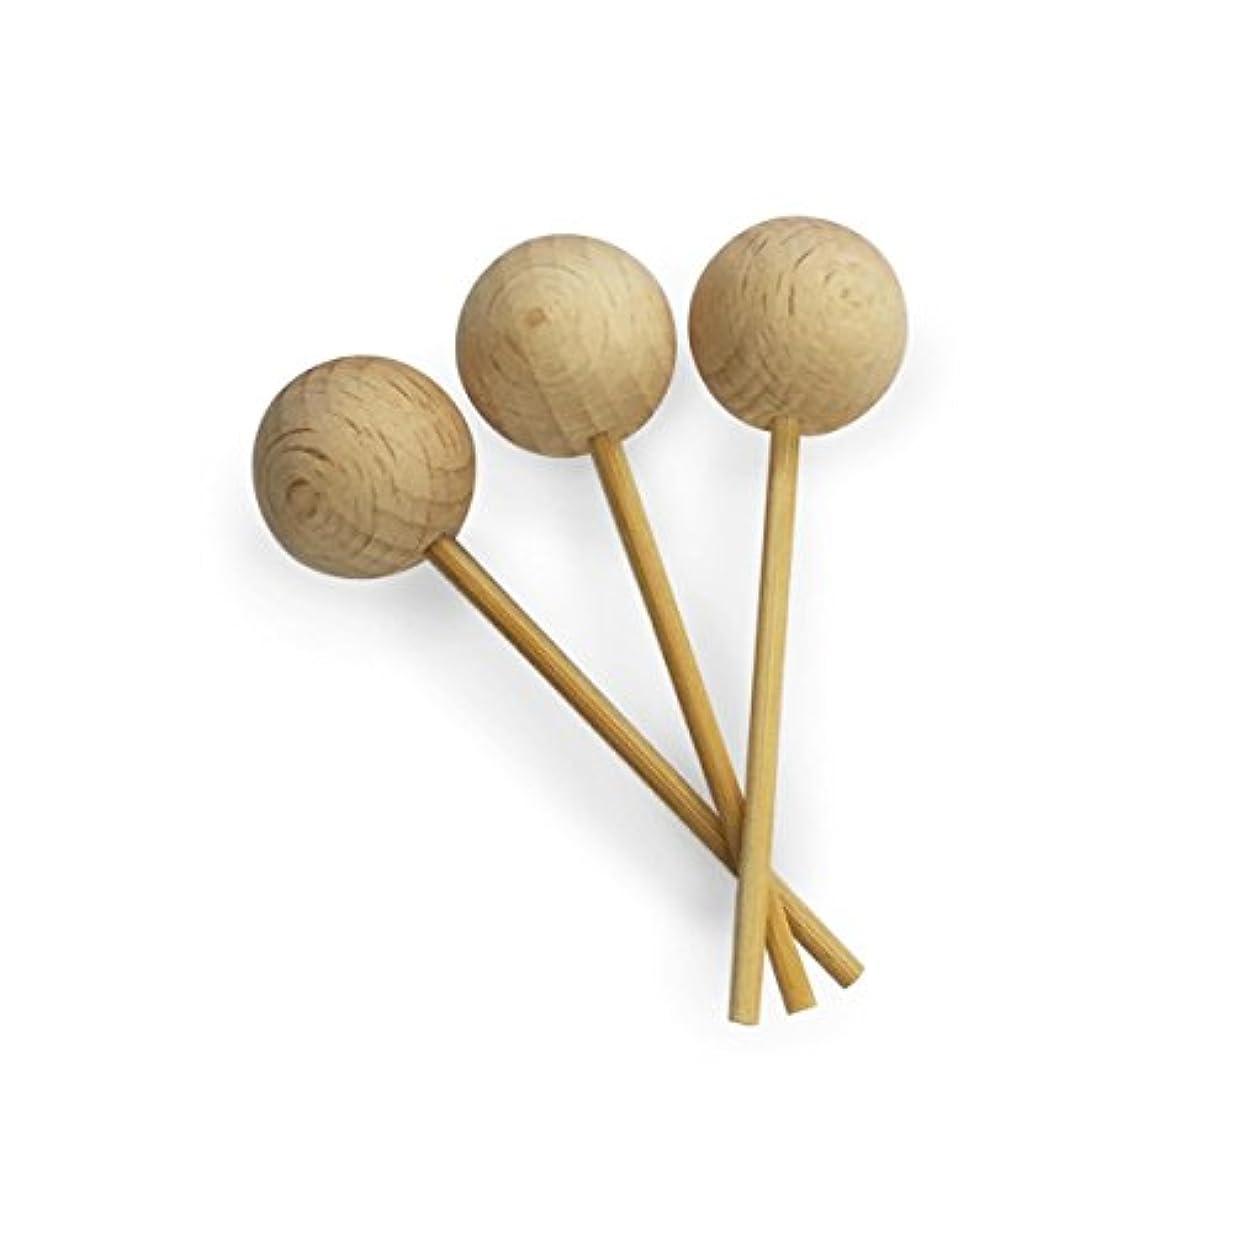 純粋な記録掃くカリス成城 アロマ芳香器 木のお家 交換用木製スティック3本入